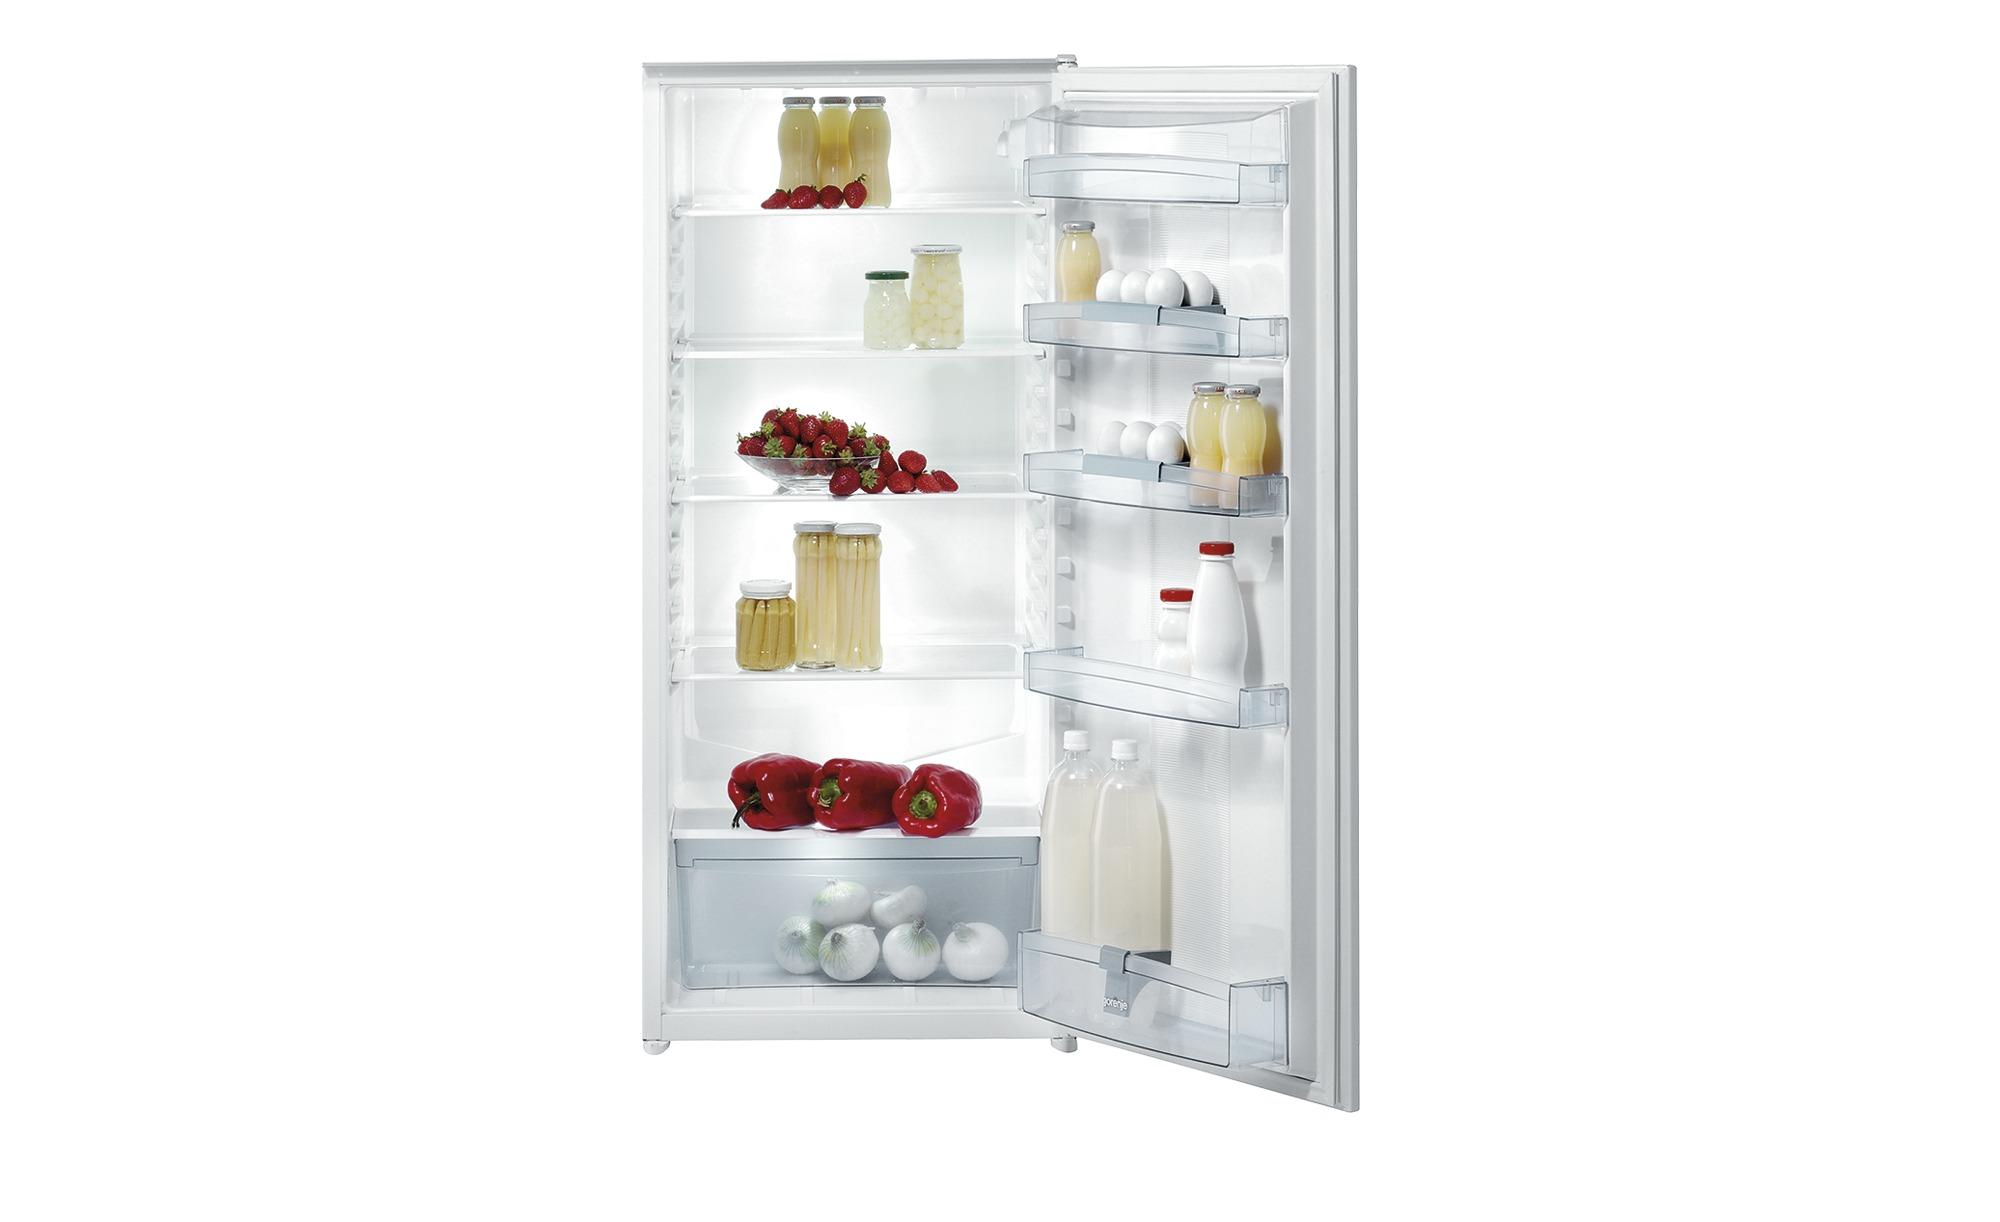 gorenje Einbau-Kühlschrank  RI 4122 AW - weiß - Kunststoff, Metall, Glas - 56 cm - 122,5 cm - 56 cm - Elektrogeräte > Einbaugeräte - Möbel Kraft | Küche und Esszimmer > Küchenelektrogeräte > Kühlschränke | Glas | gorenje